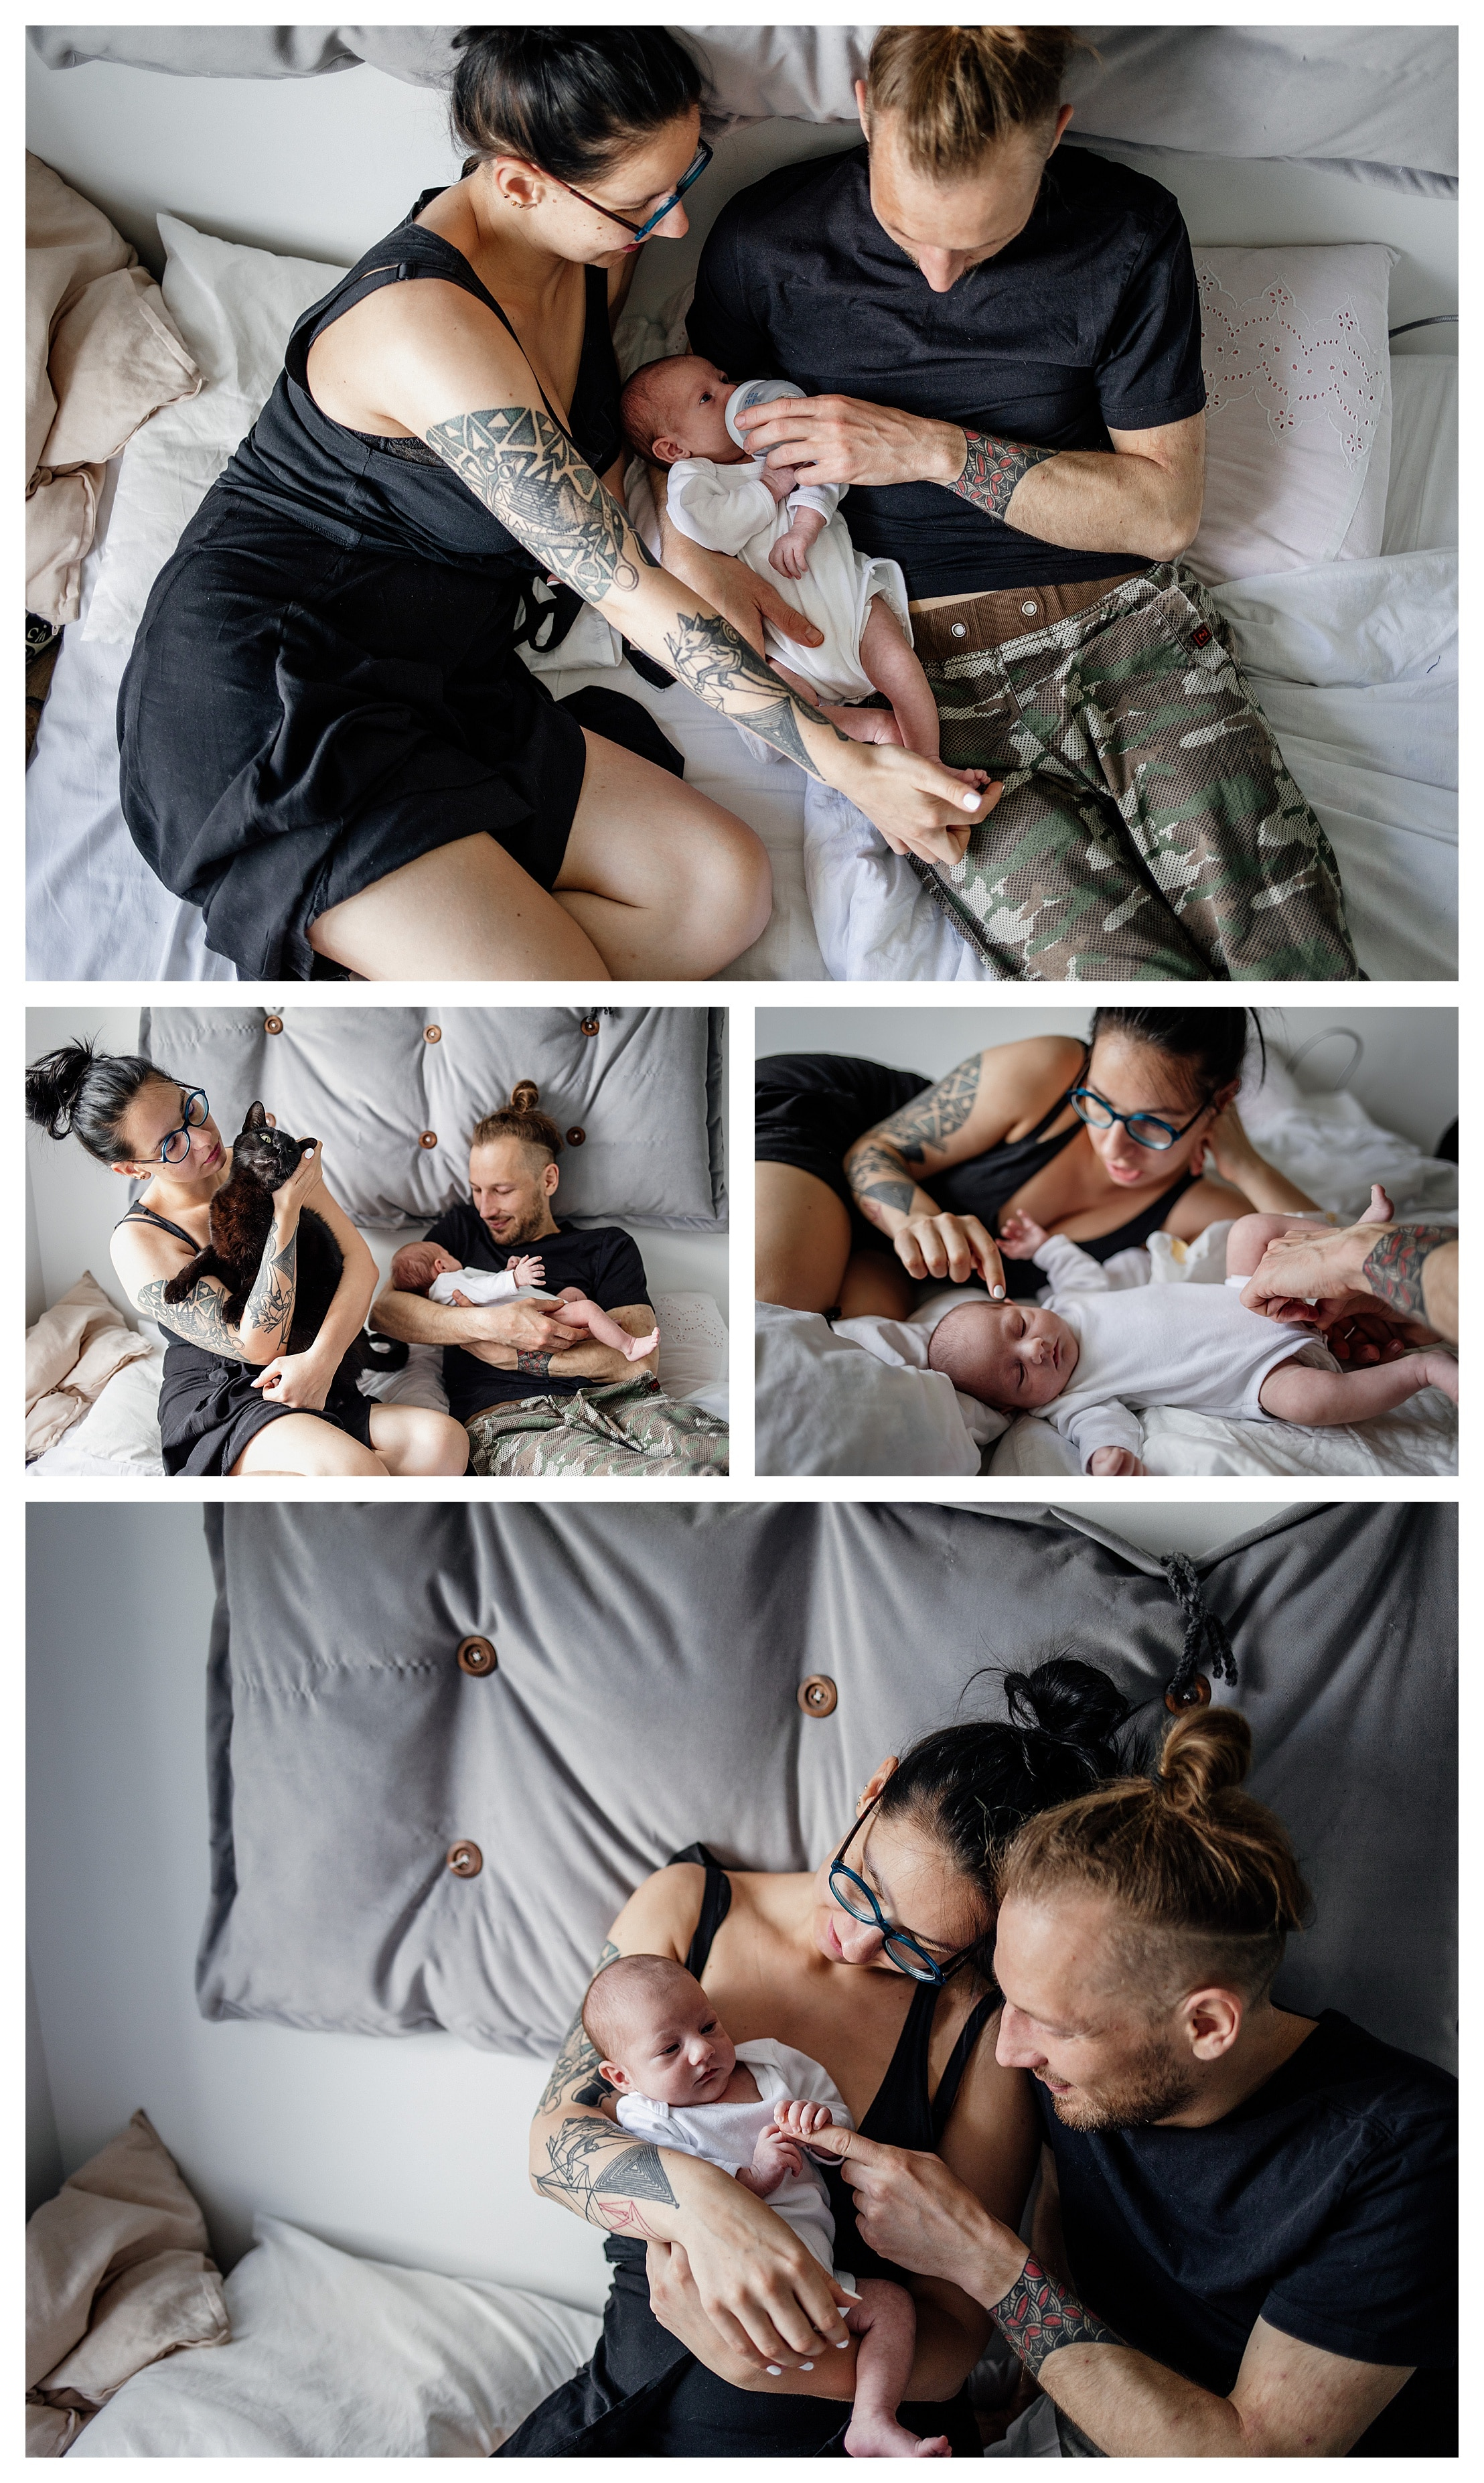 family photoshoot, family photography, lifestyle photography